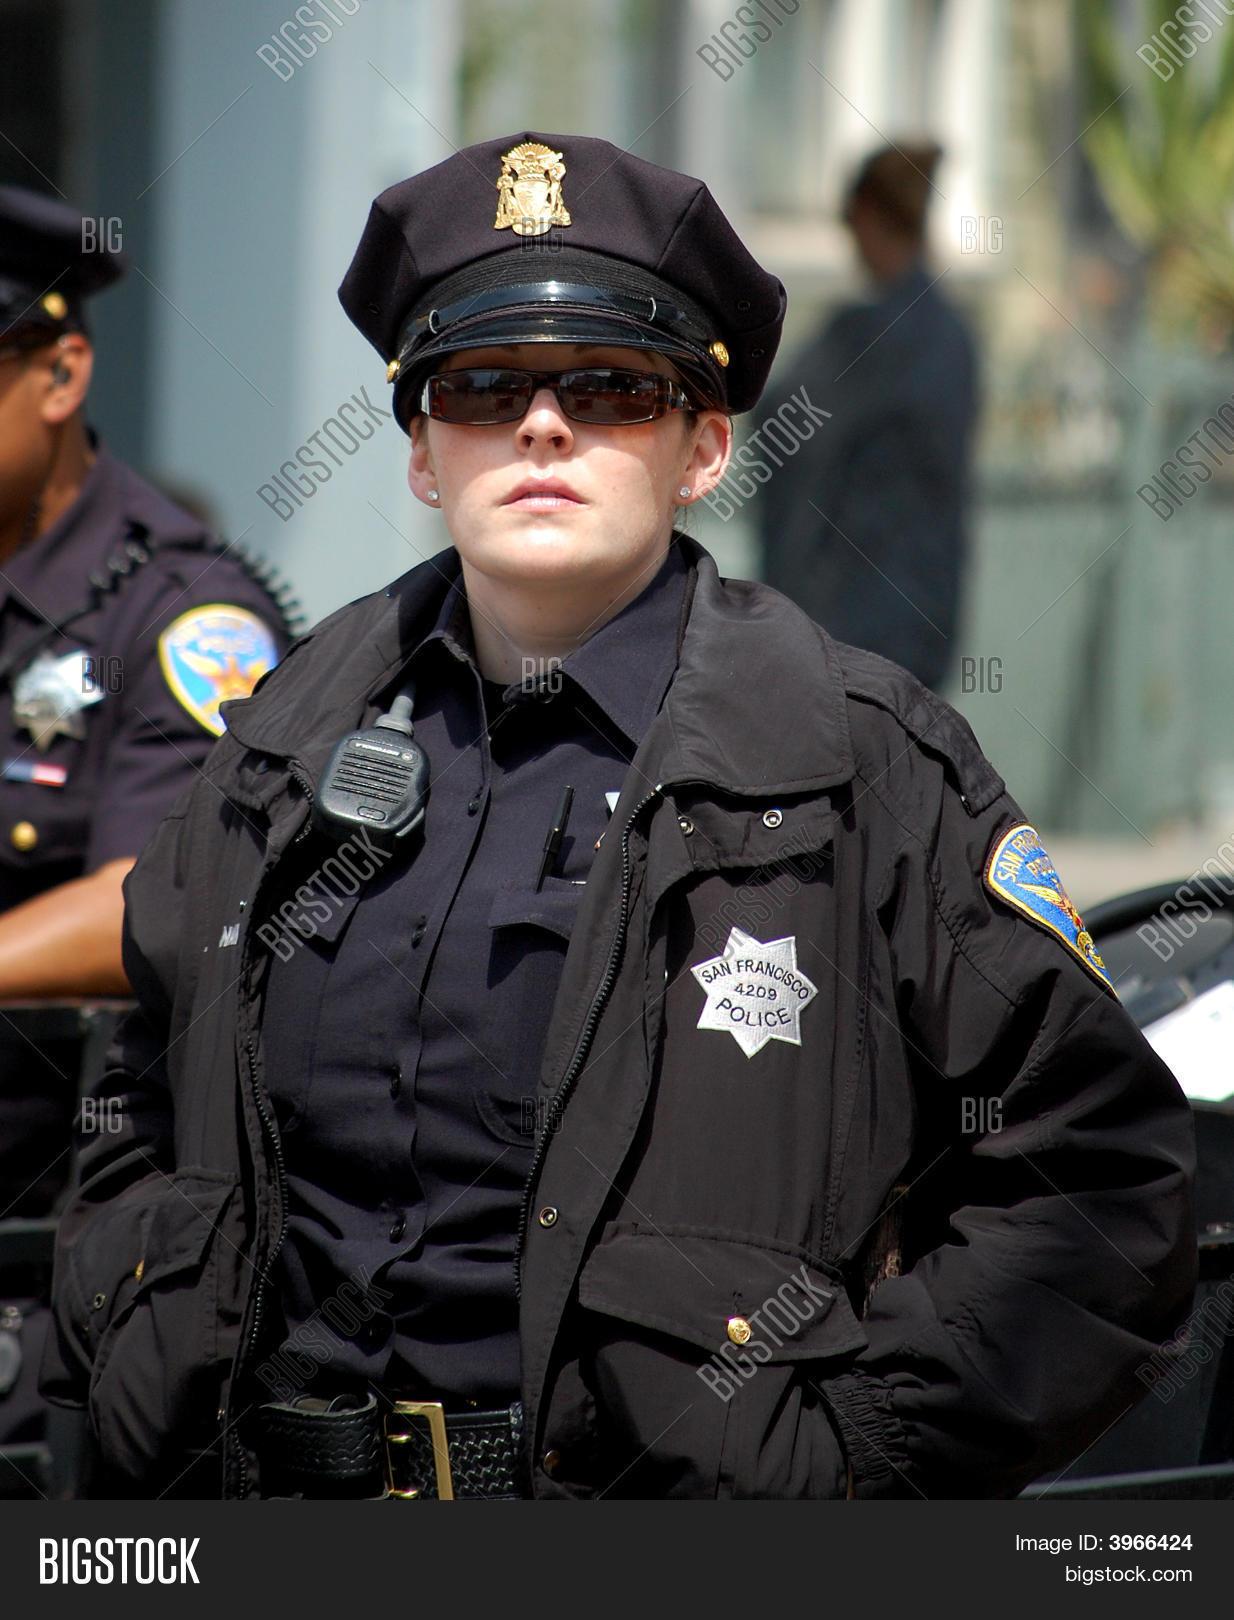 Female cop images 23